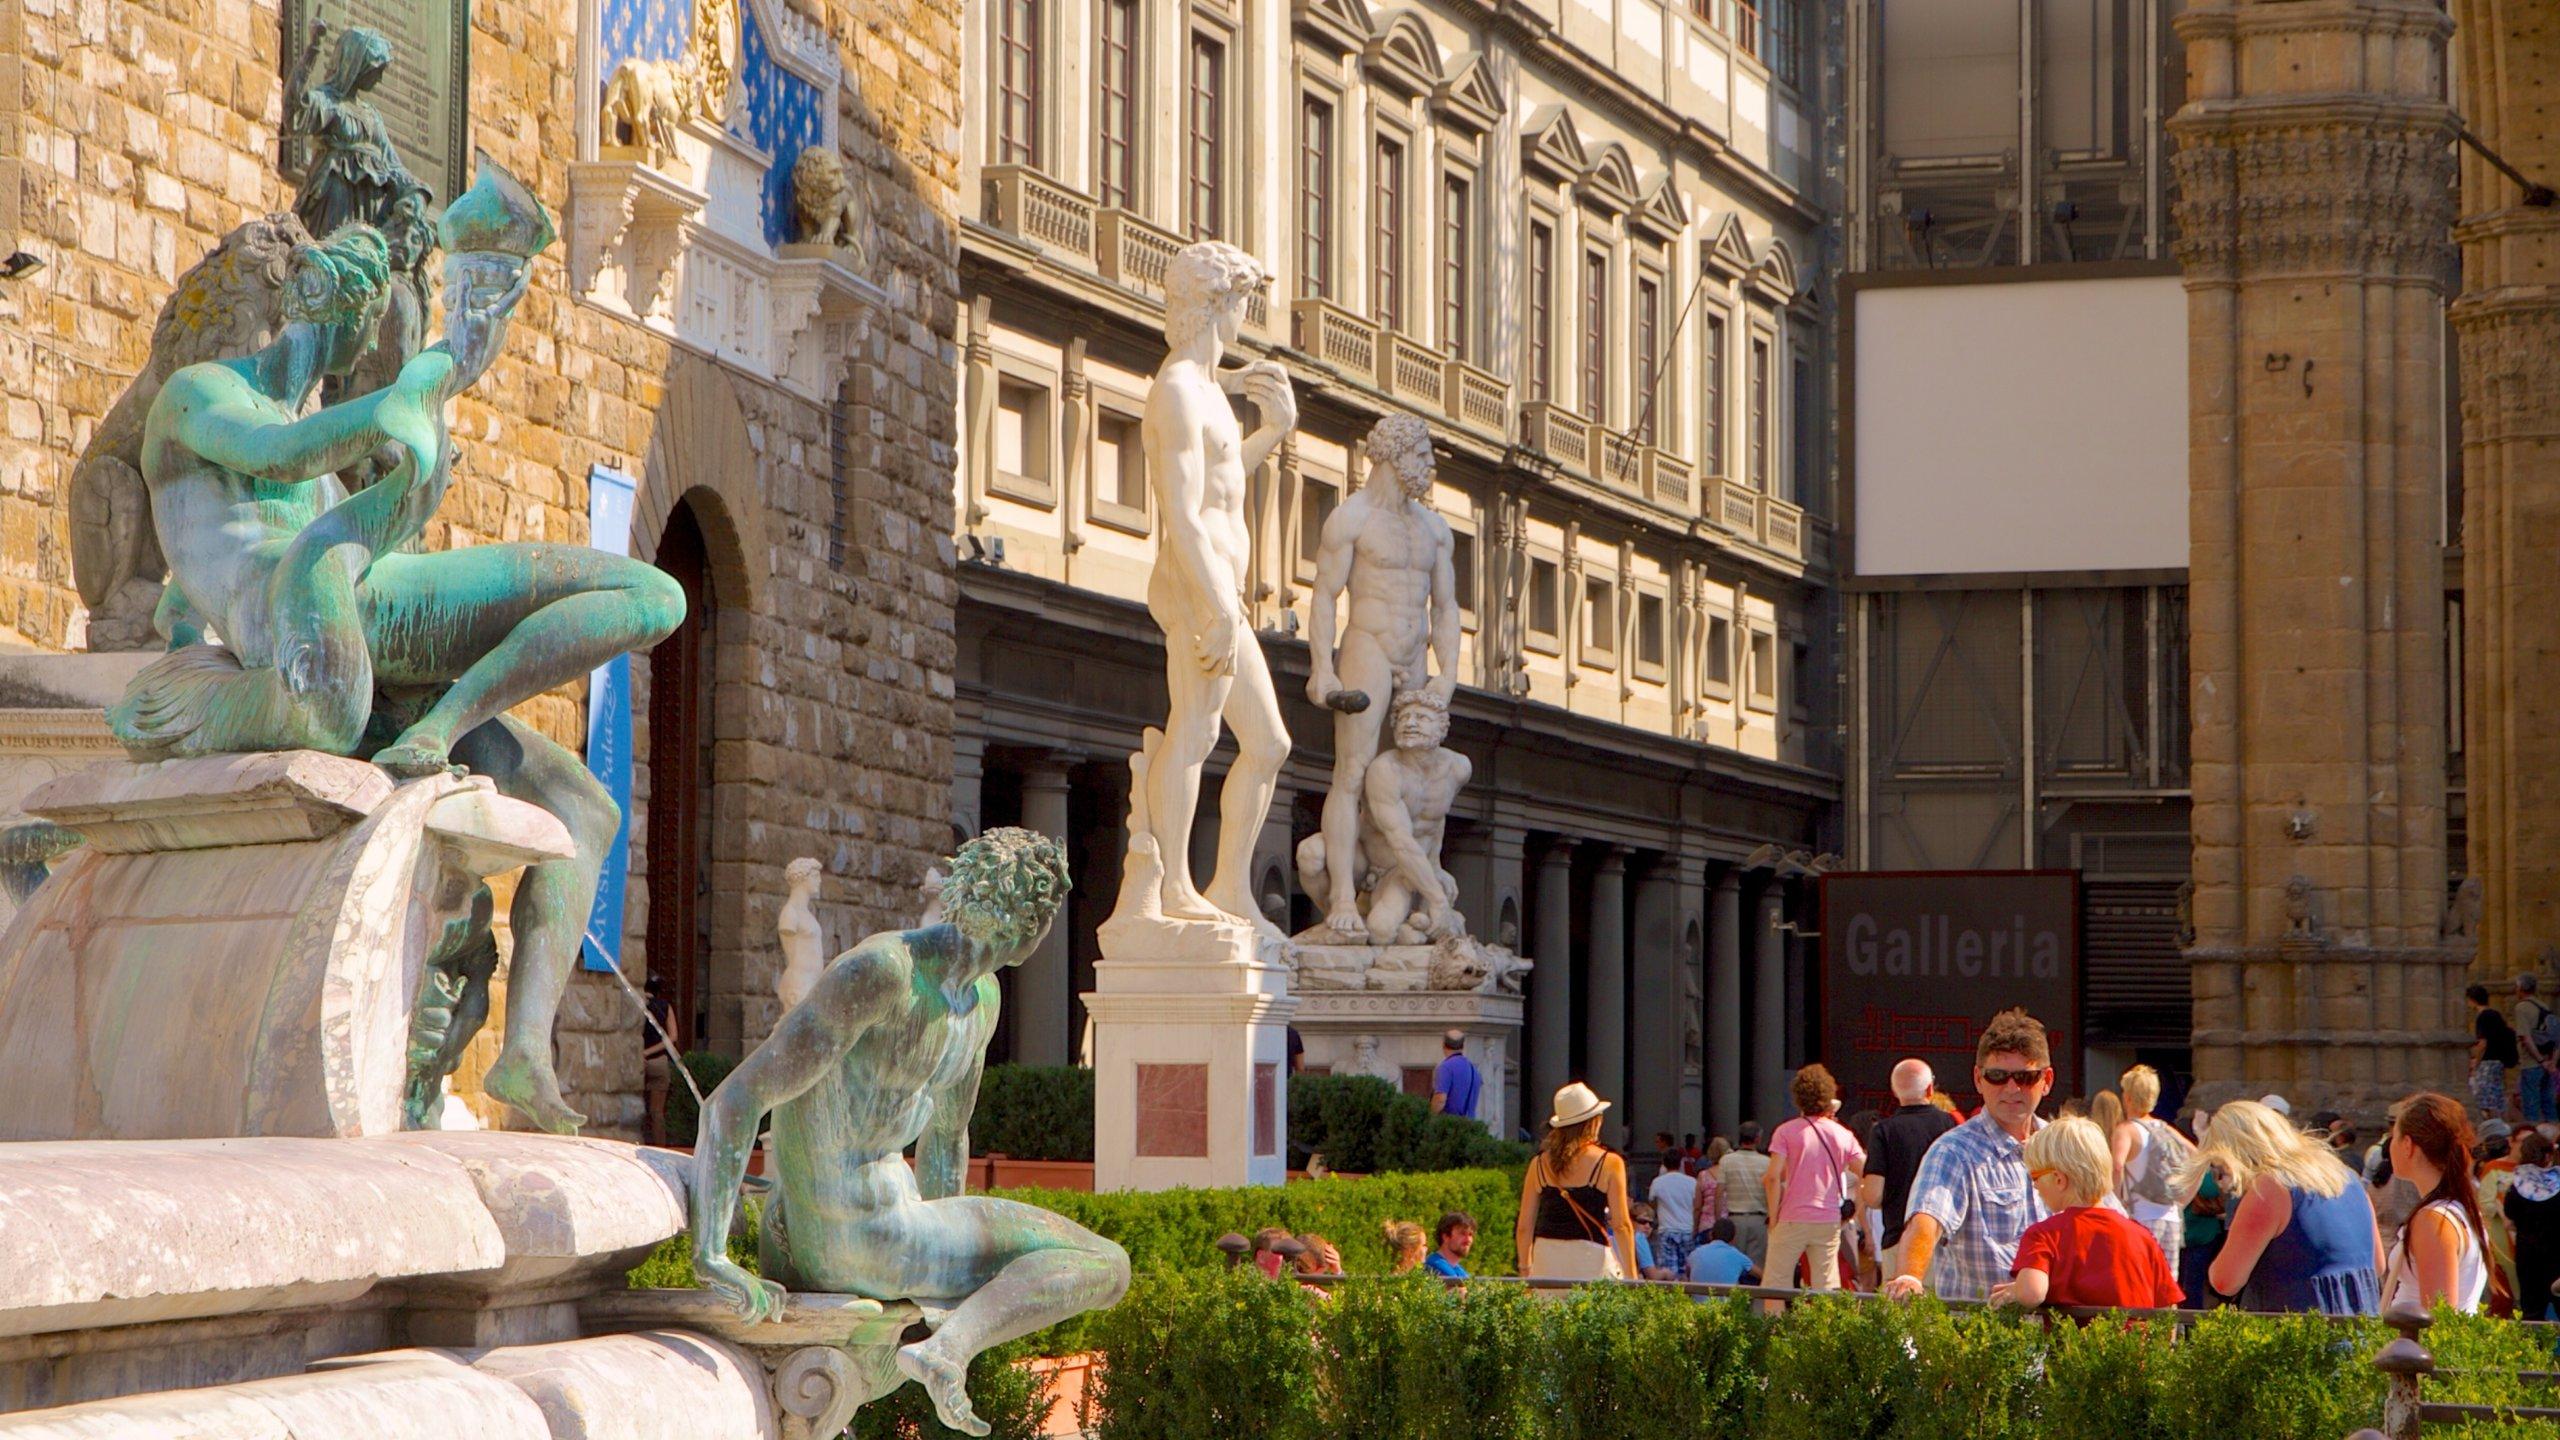 Kunstelskere vil være i sitt rette element i dette berømte museet, som er hjem til den mest omfattende og viktige samling med mesterverk i verden.